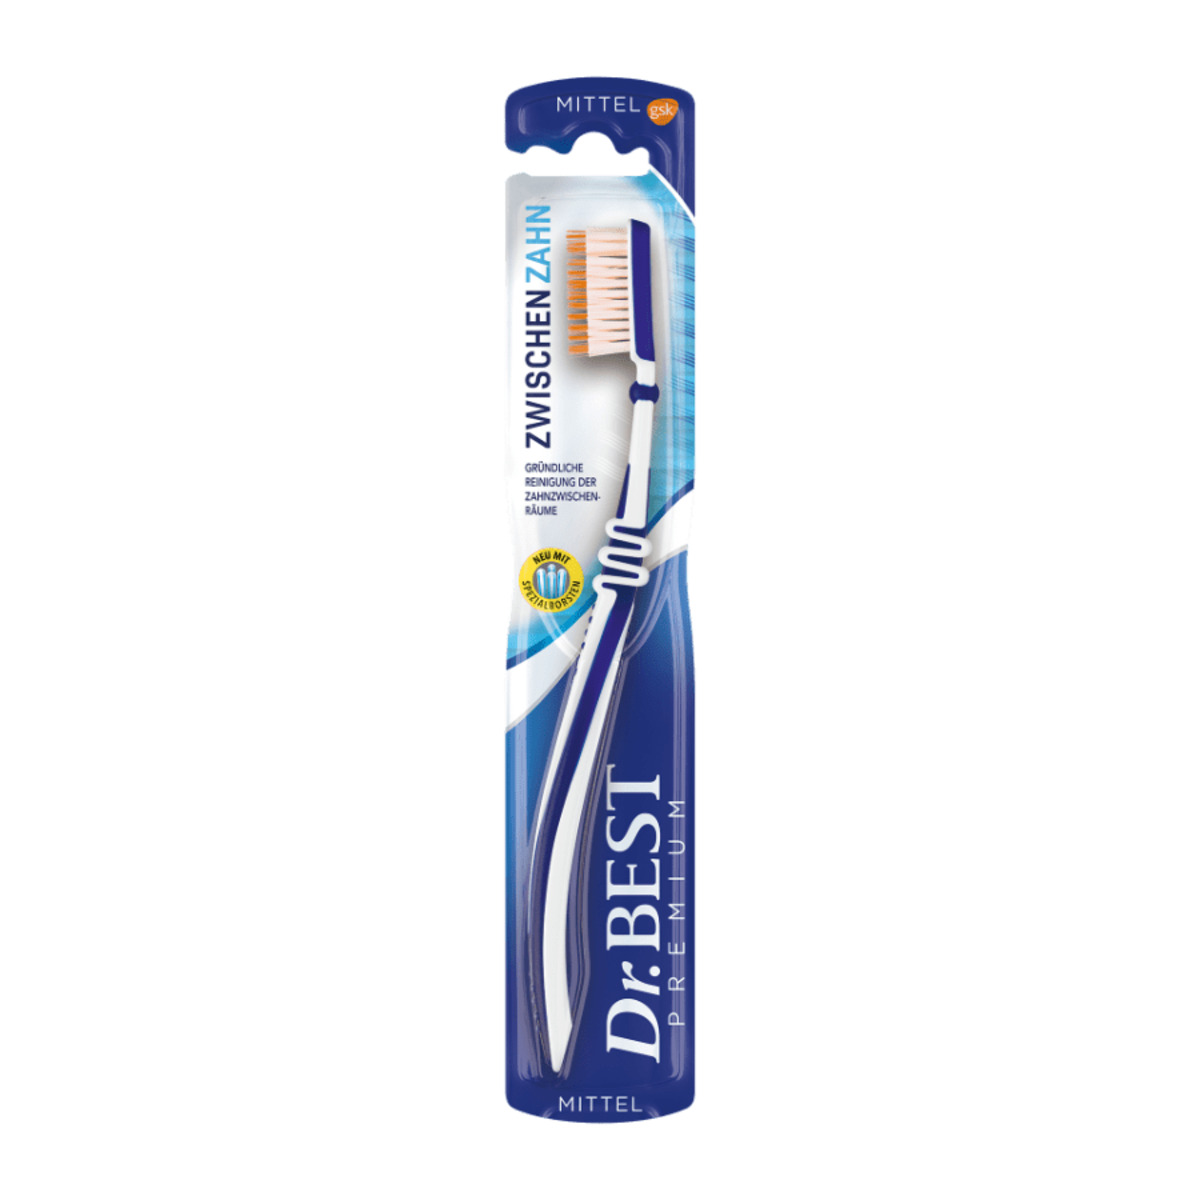 Bild 3 von Dr. Best Zahnbürste(n)